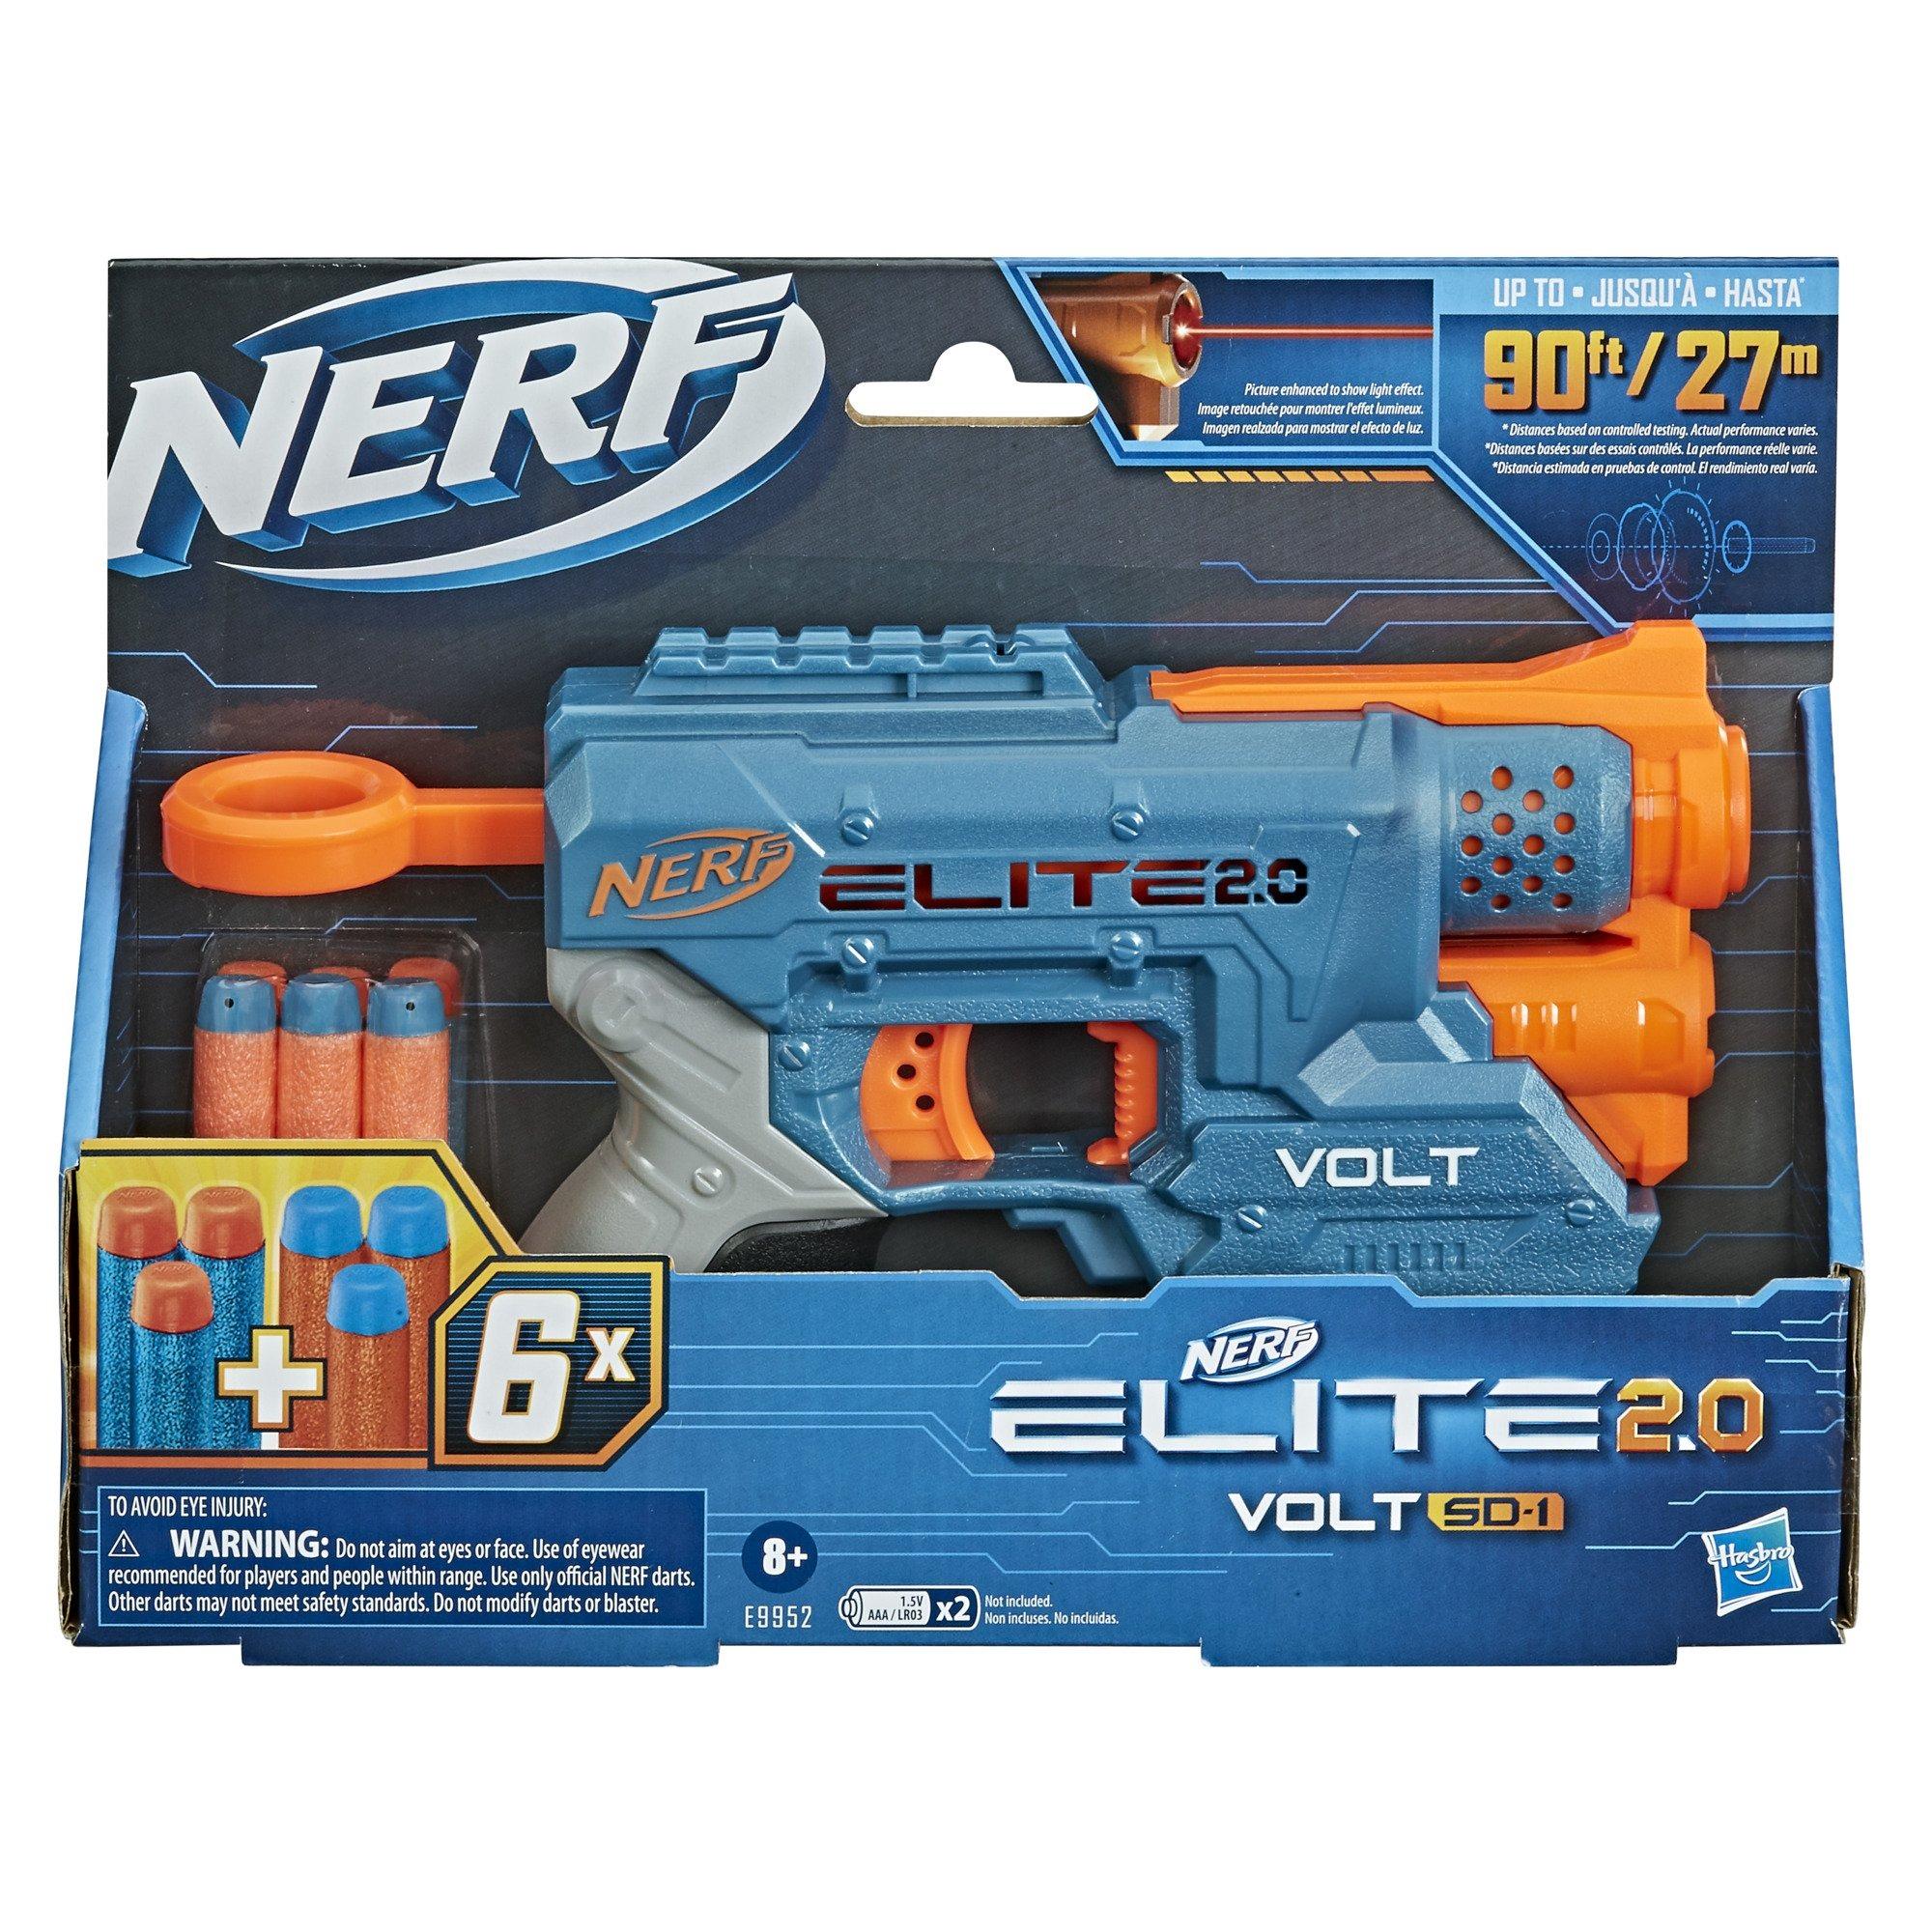 Elite 2.0 - Volt SD 1